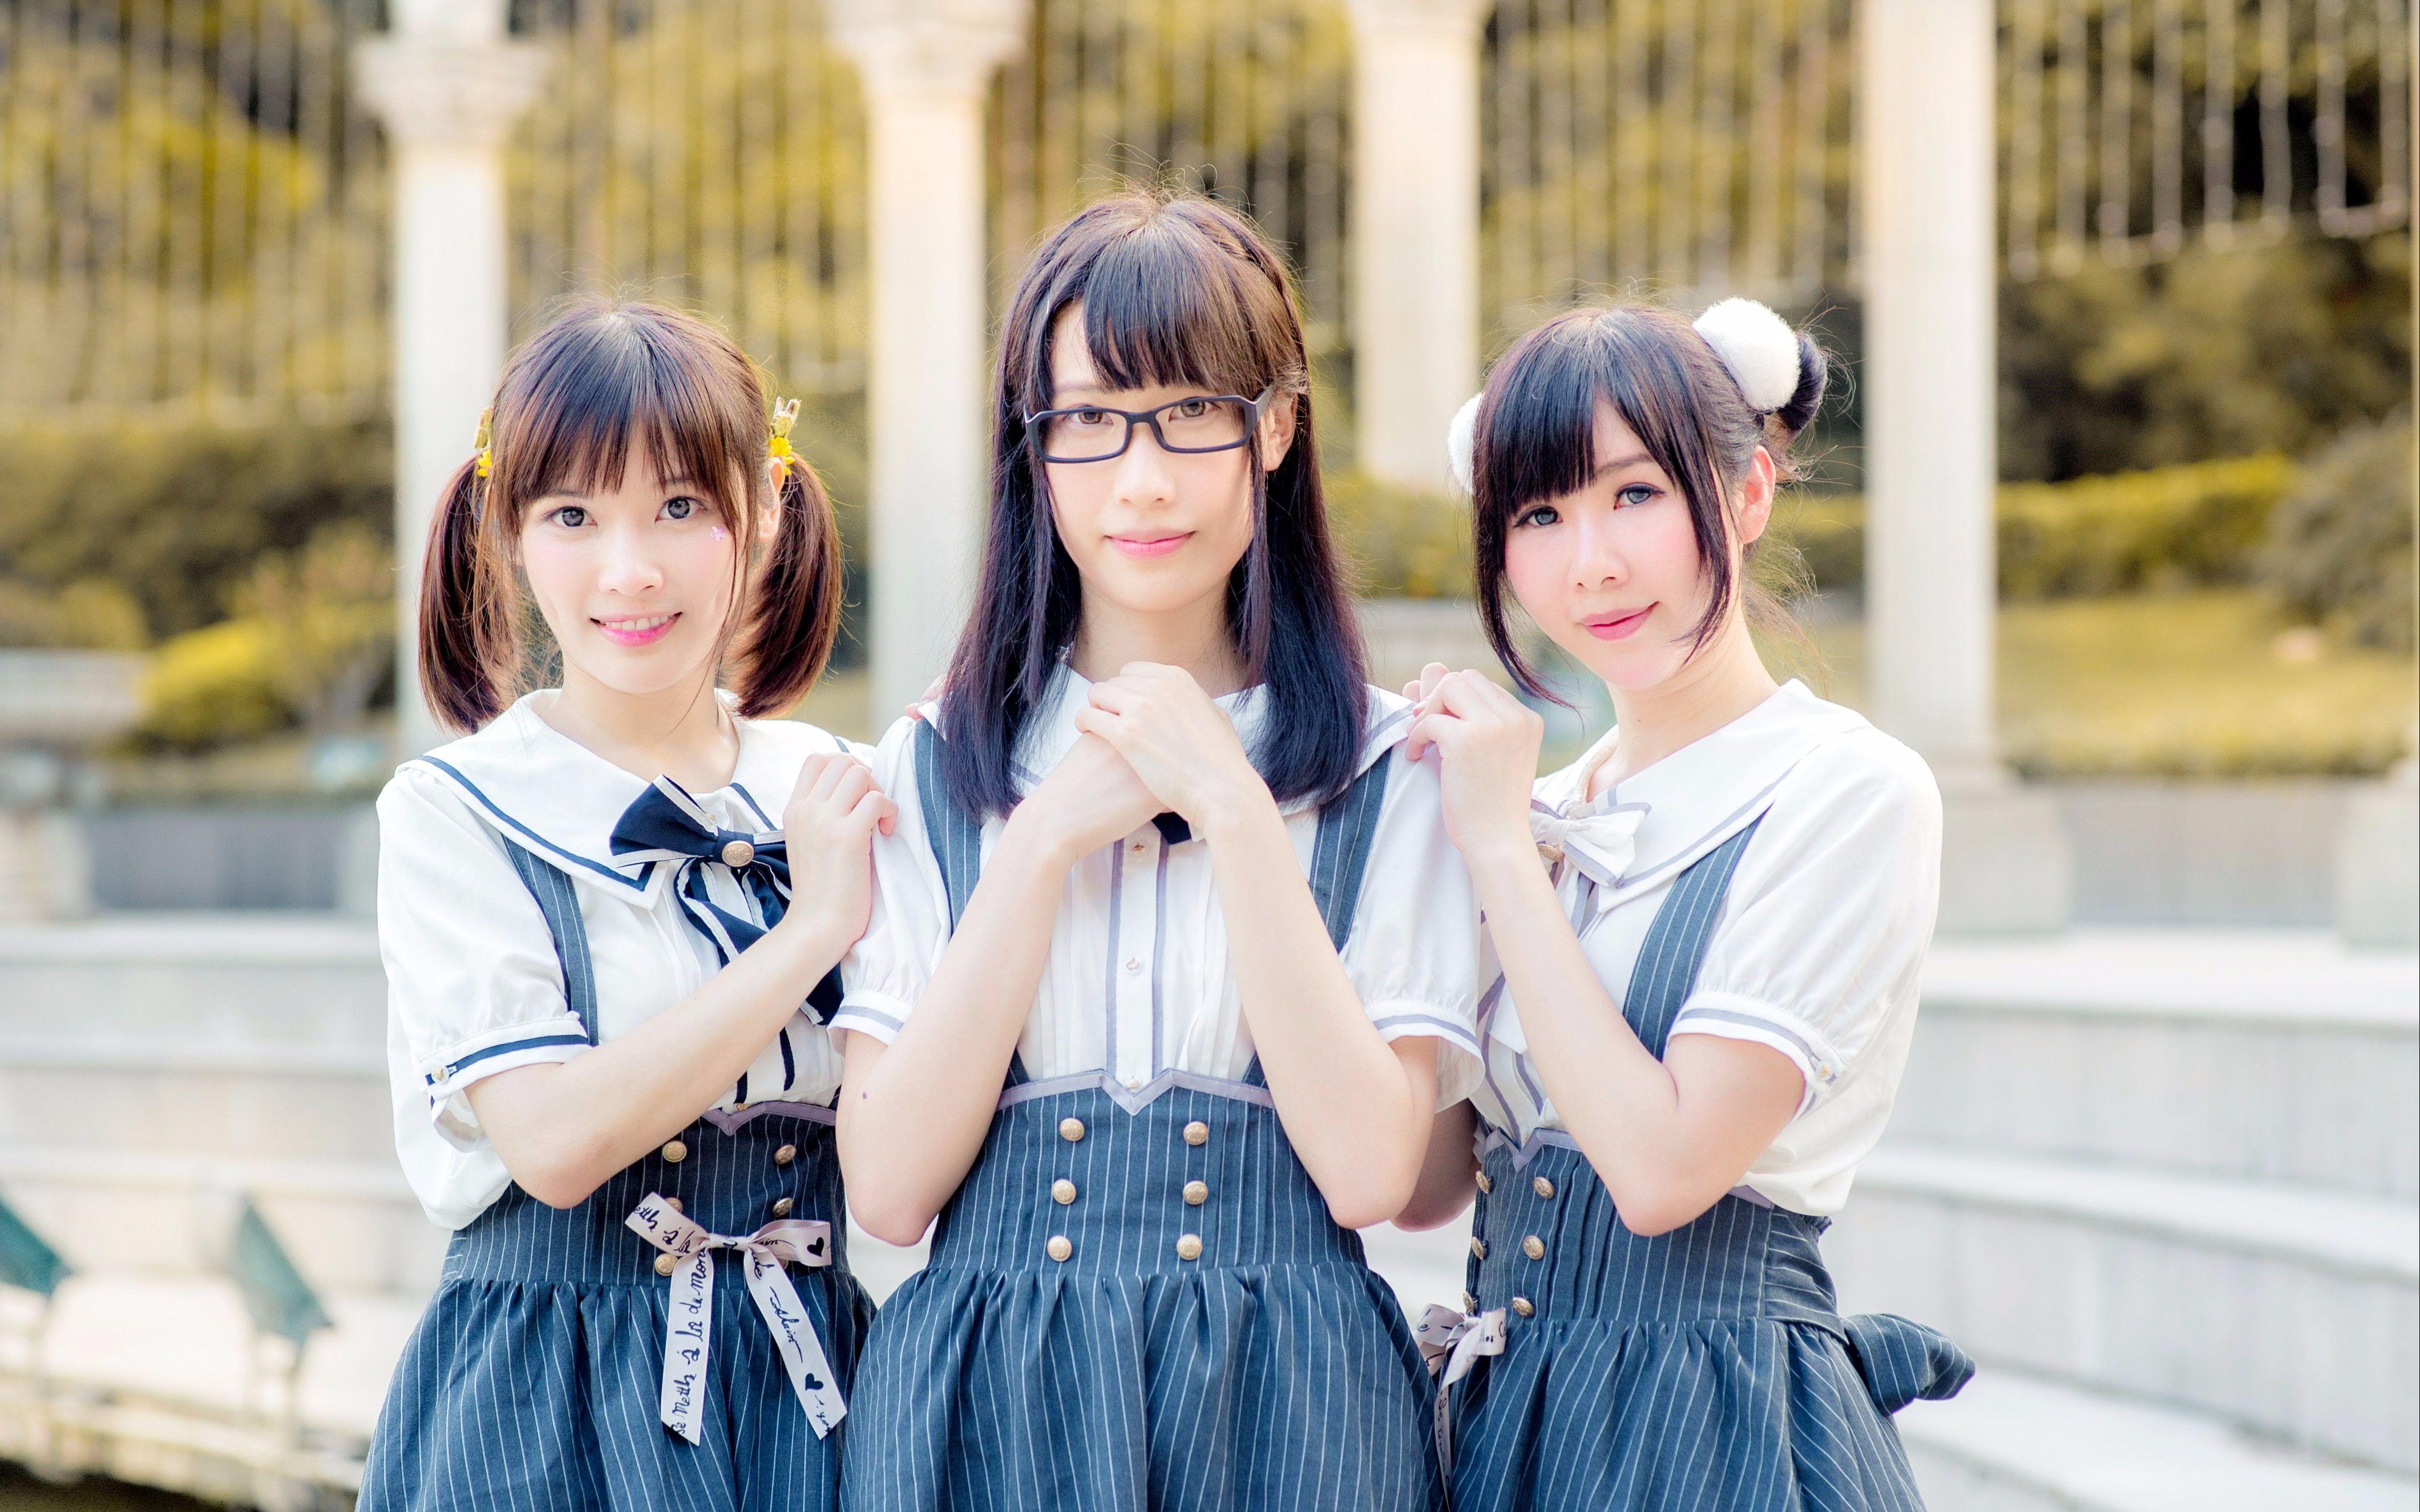 【兔子林x吃粥组合】恋爱裁判❤无罪?有罪?【初合作】